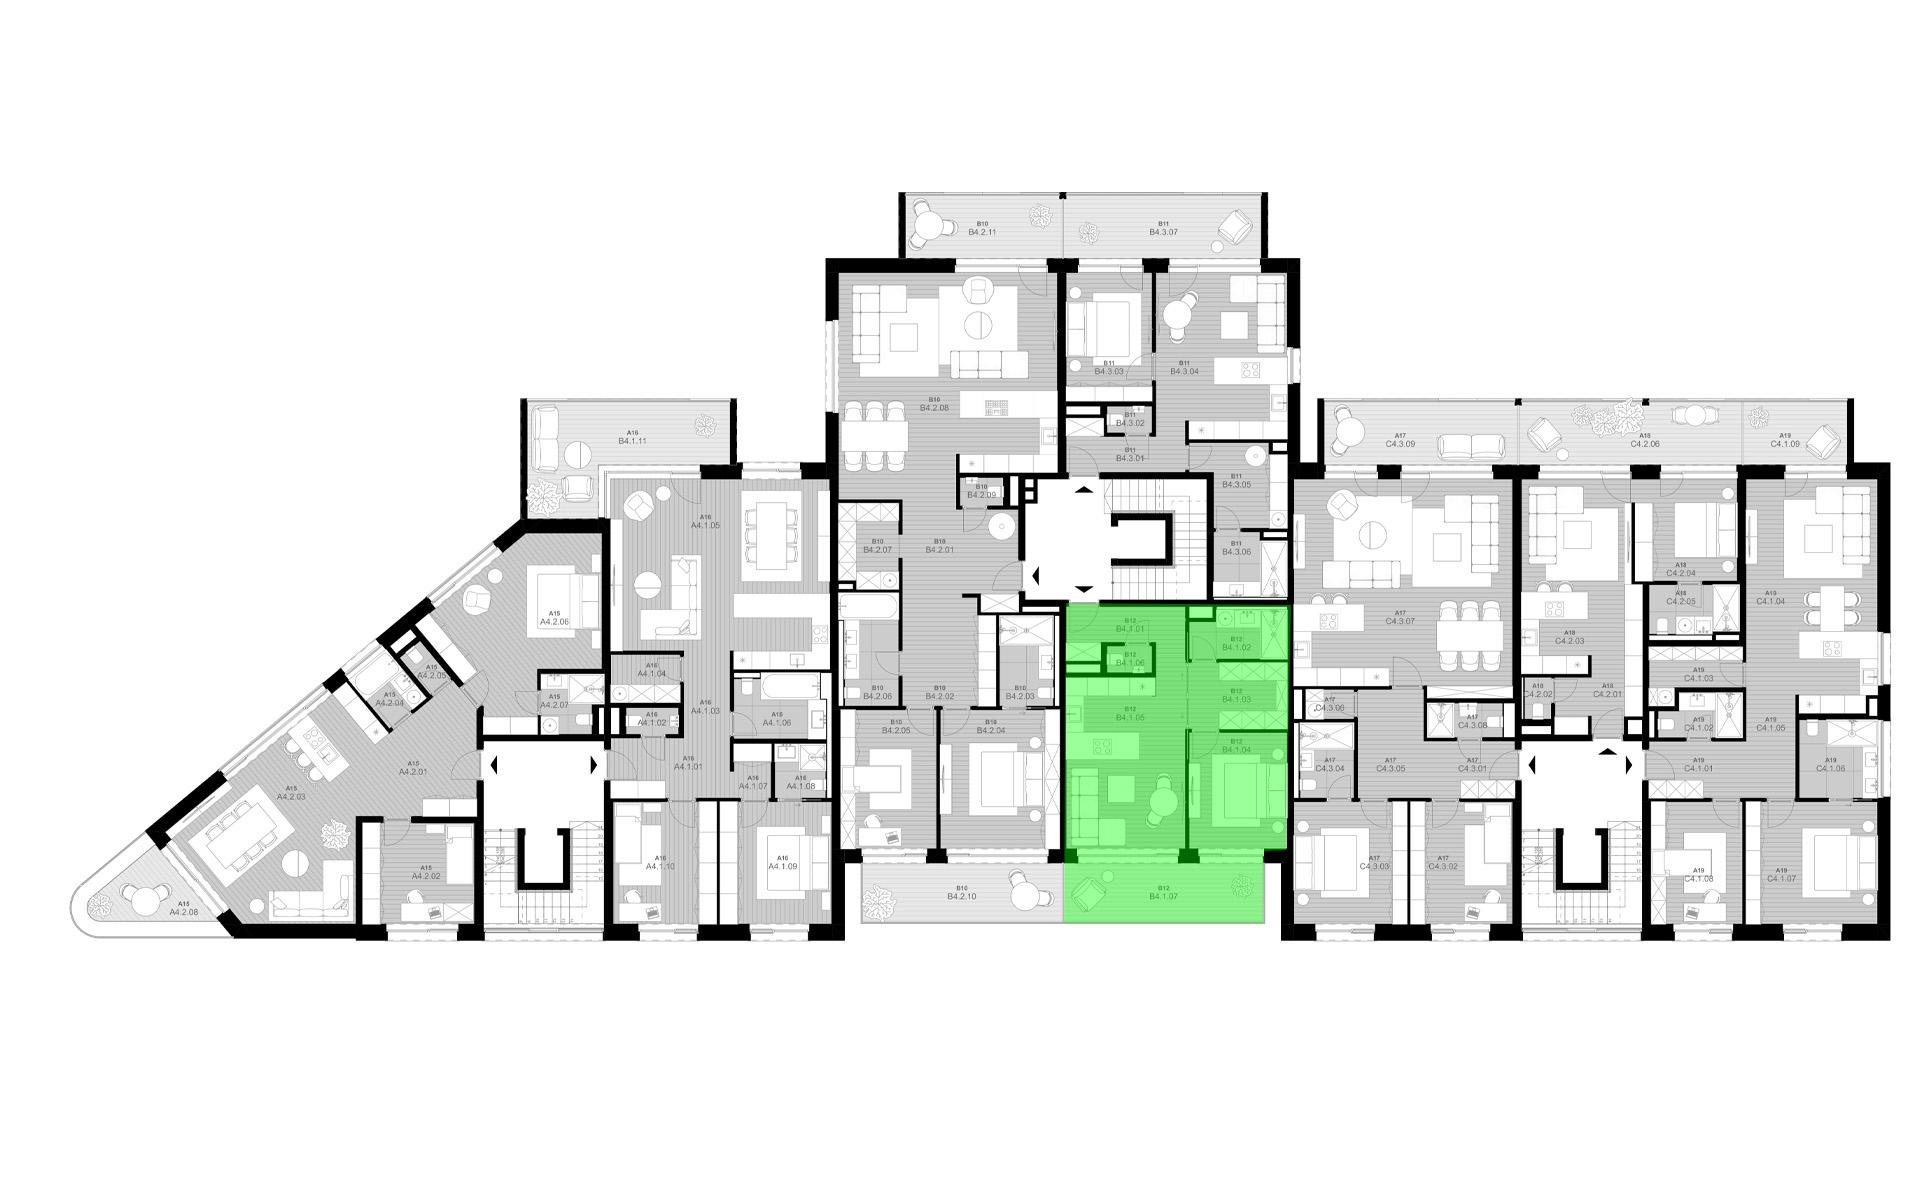 rezidencia K Železnej Studienke - pôdorys so zvýraznením bytu B4.1